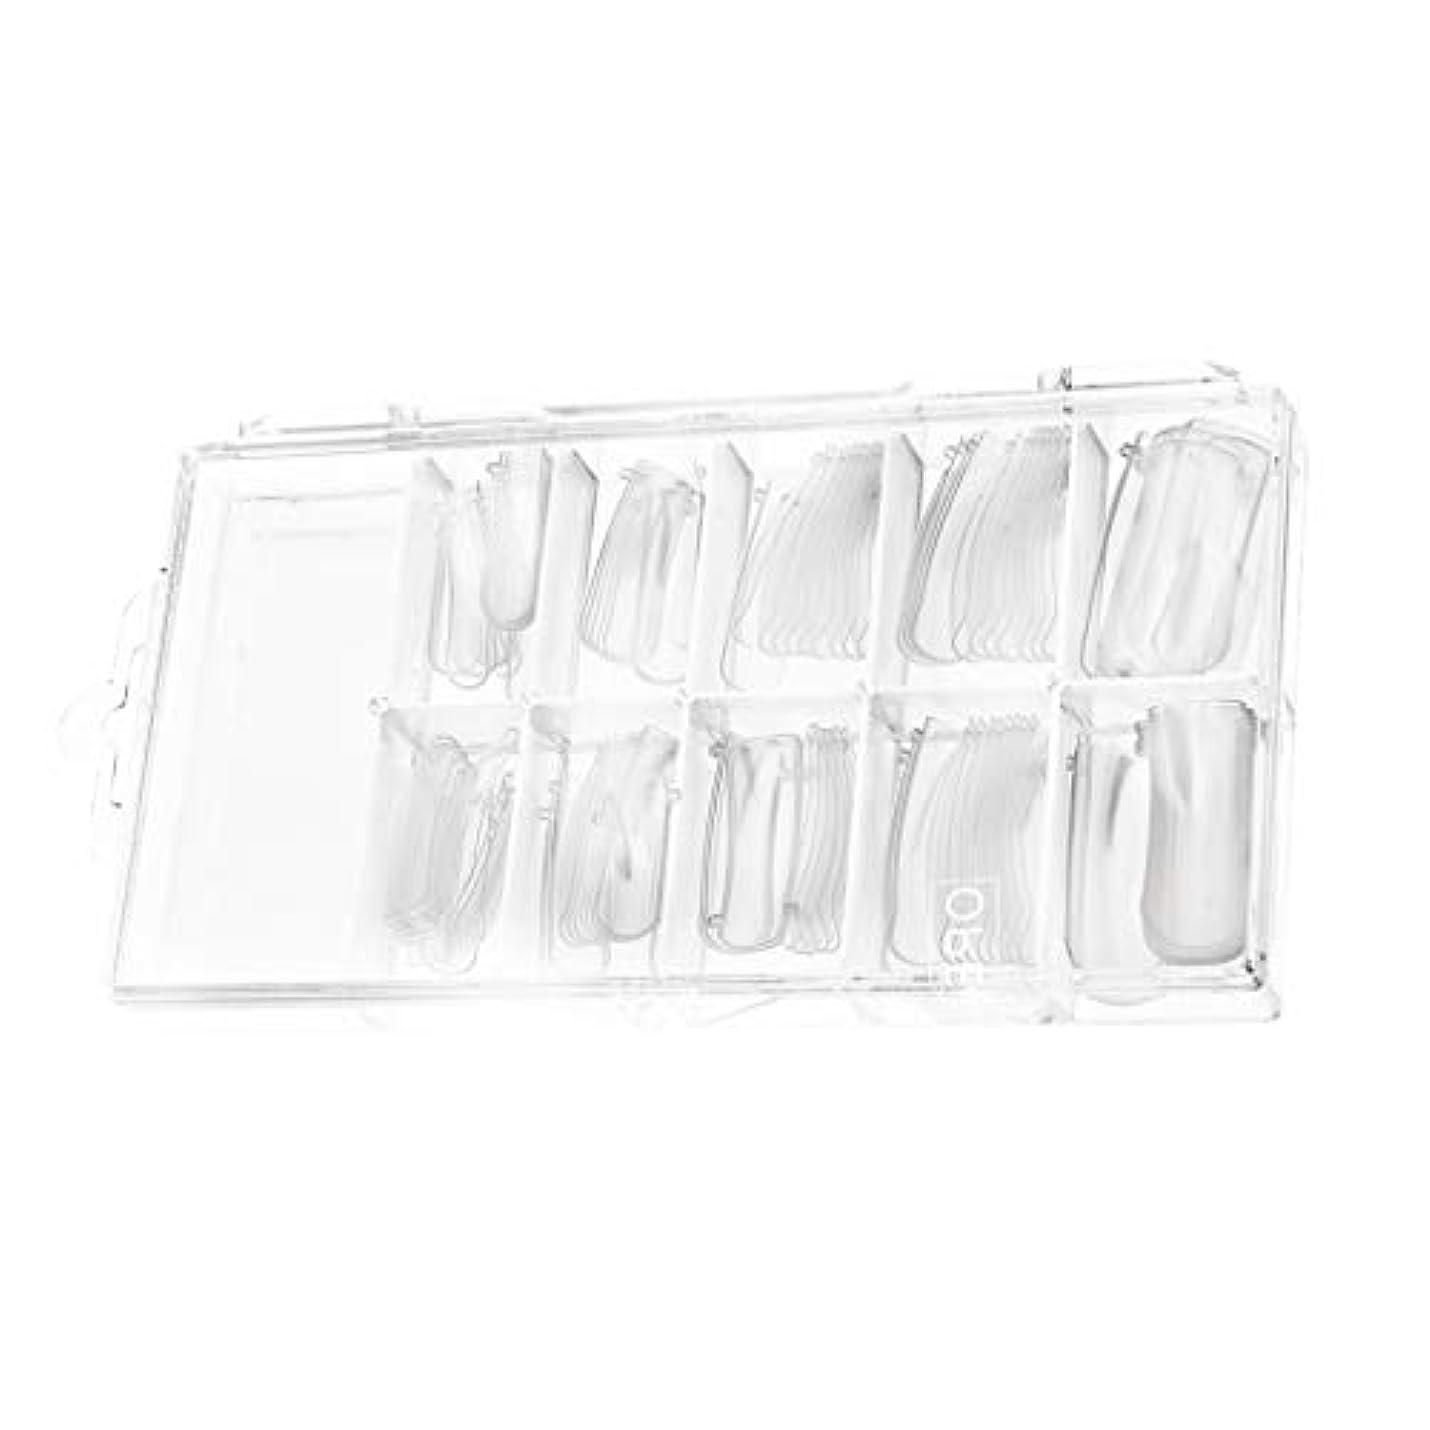 通信する意志に反するレインコートSM SunniMix 100個入り ネイルチップつけ爪 ネイル用品 ショート デコレーション 長い 無地 付け爪 練習用